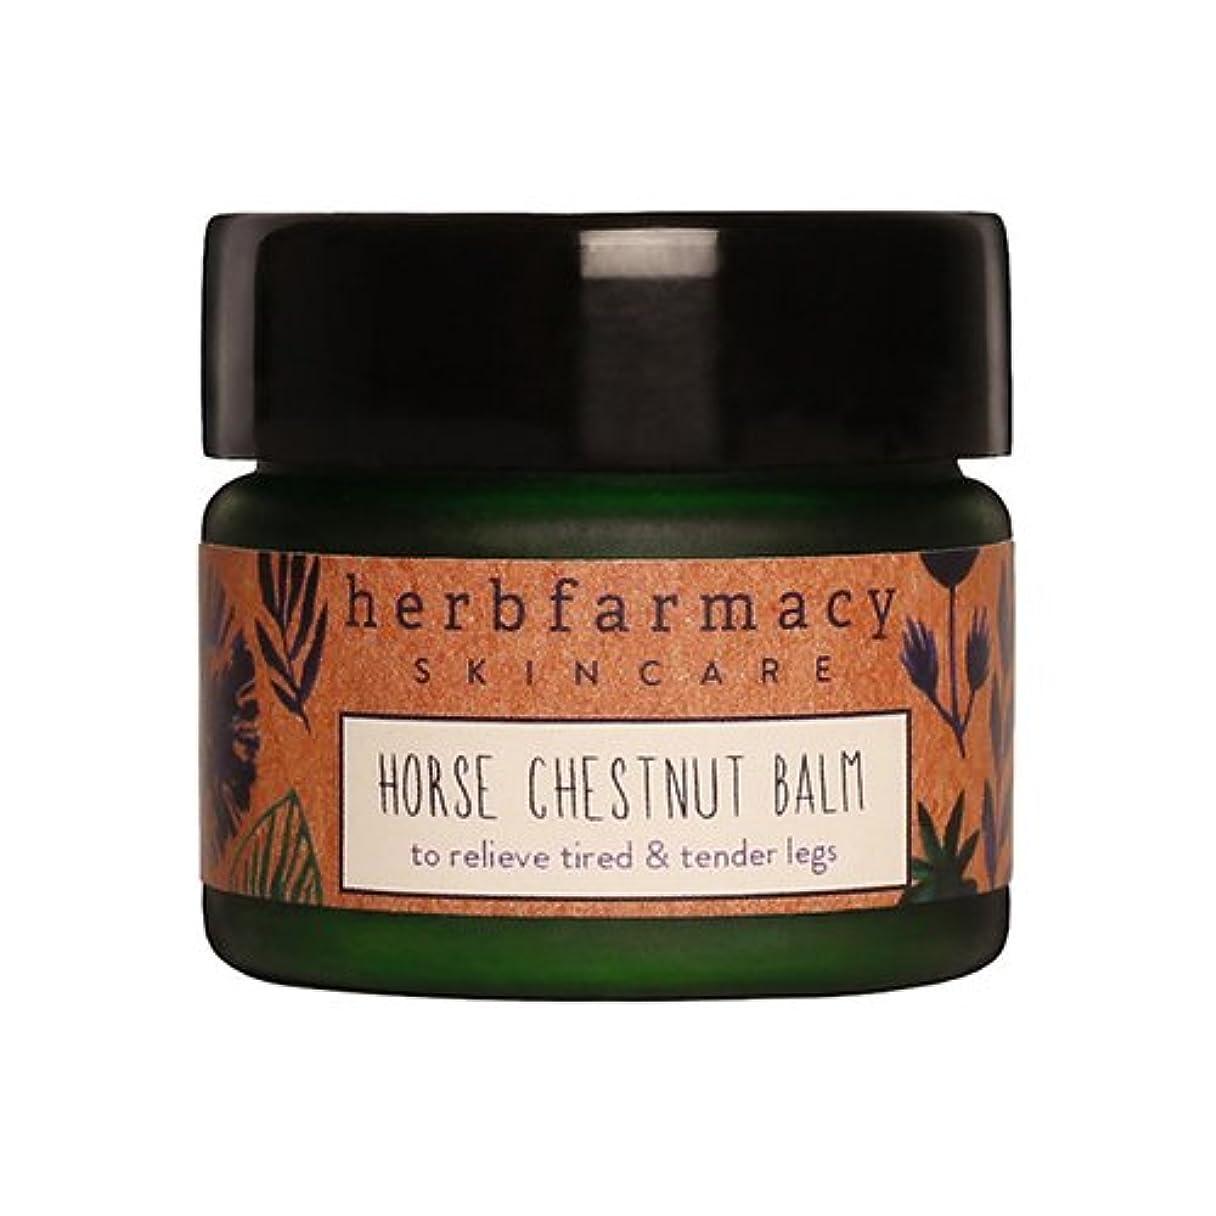 溢れんばかりのスカーフ腹痛ハーブファーマシー (herbfarmacy) スージング バーム 〈ボディバーム〉 (20mL)